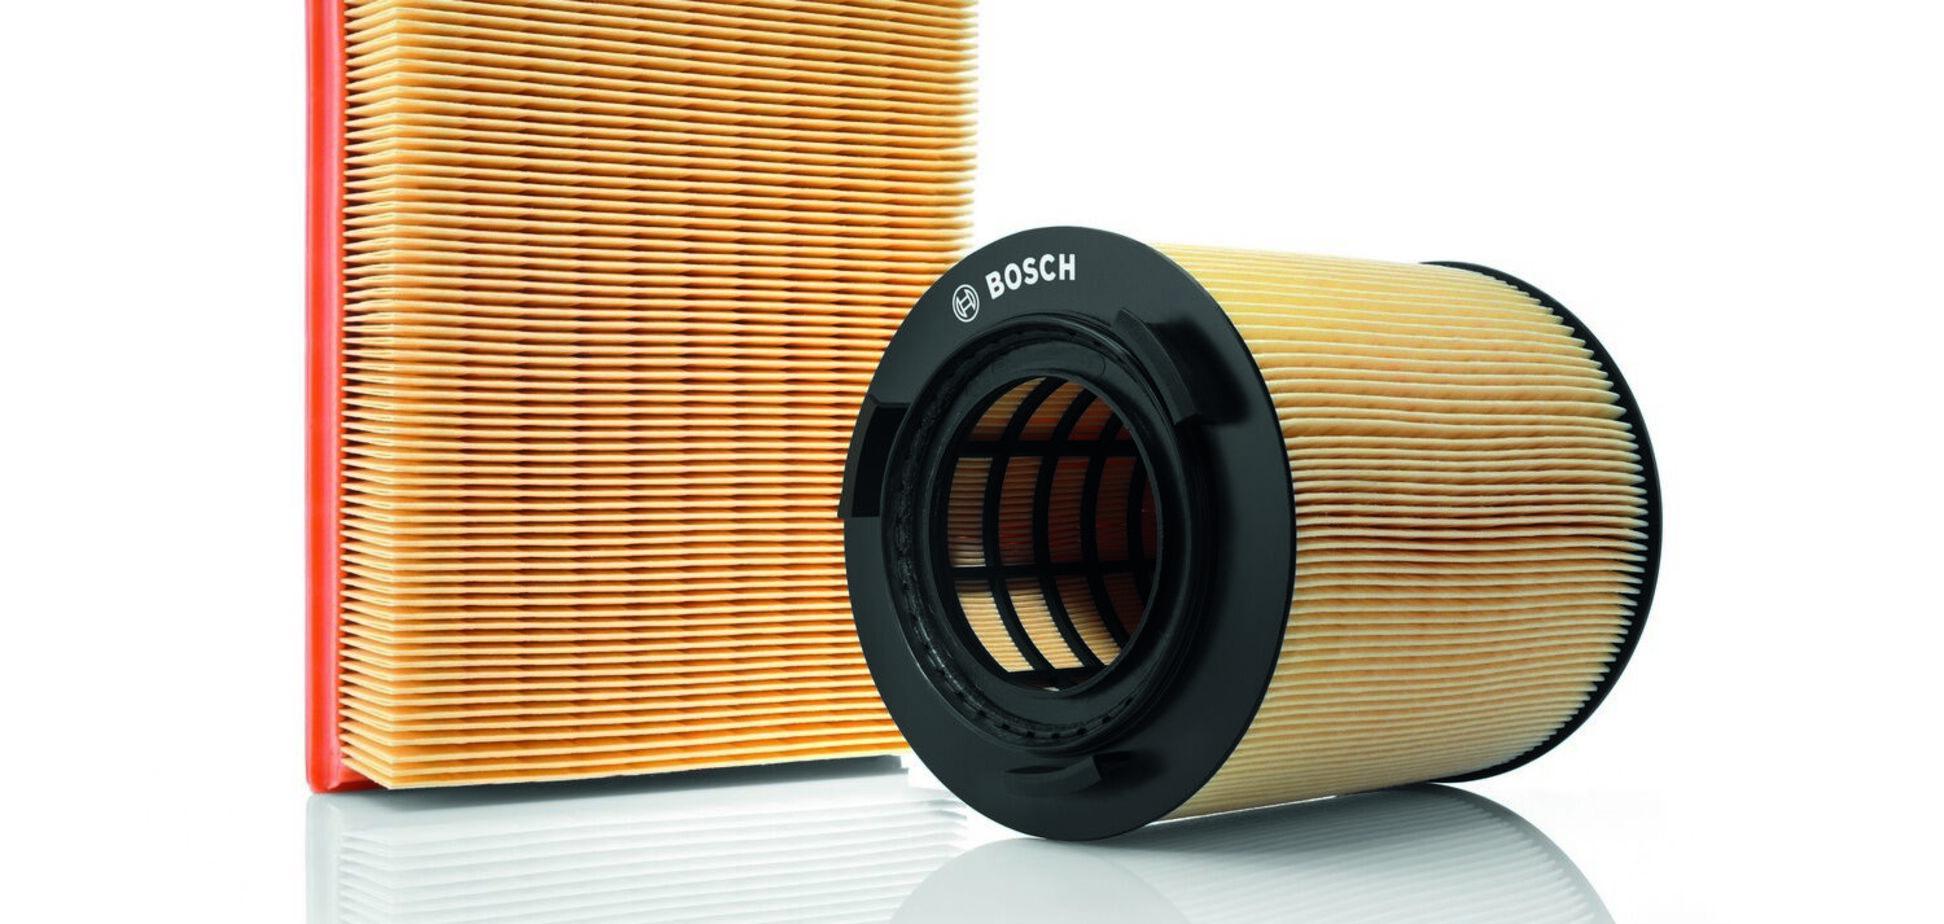 Чистые 'легкие' для ДВС: как выбрать качественный воздушный фильтр